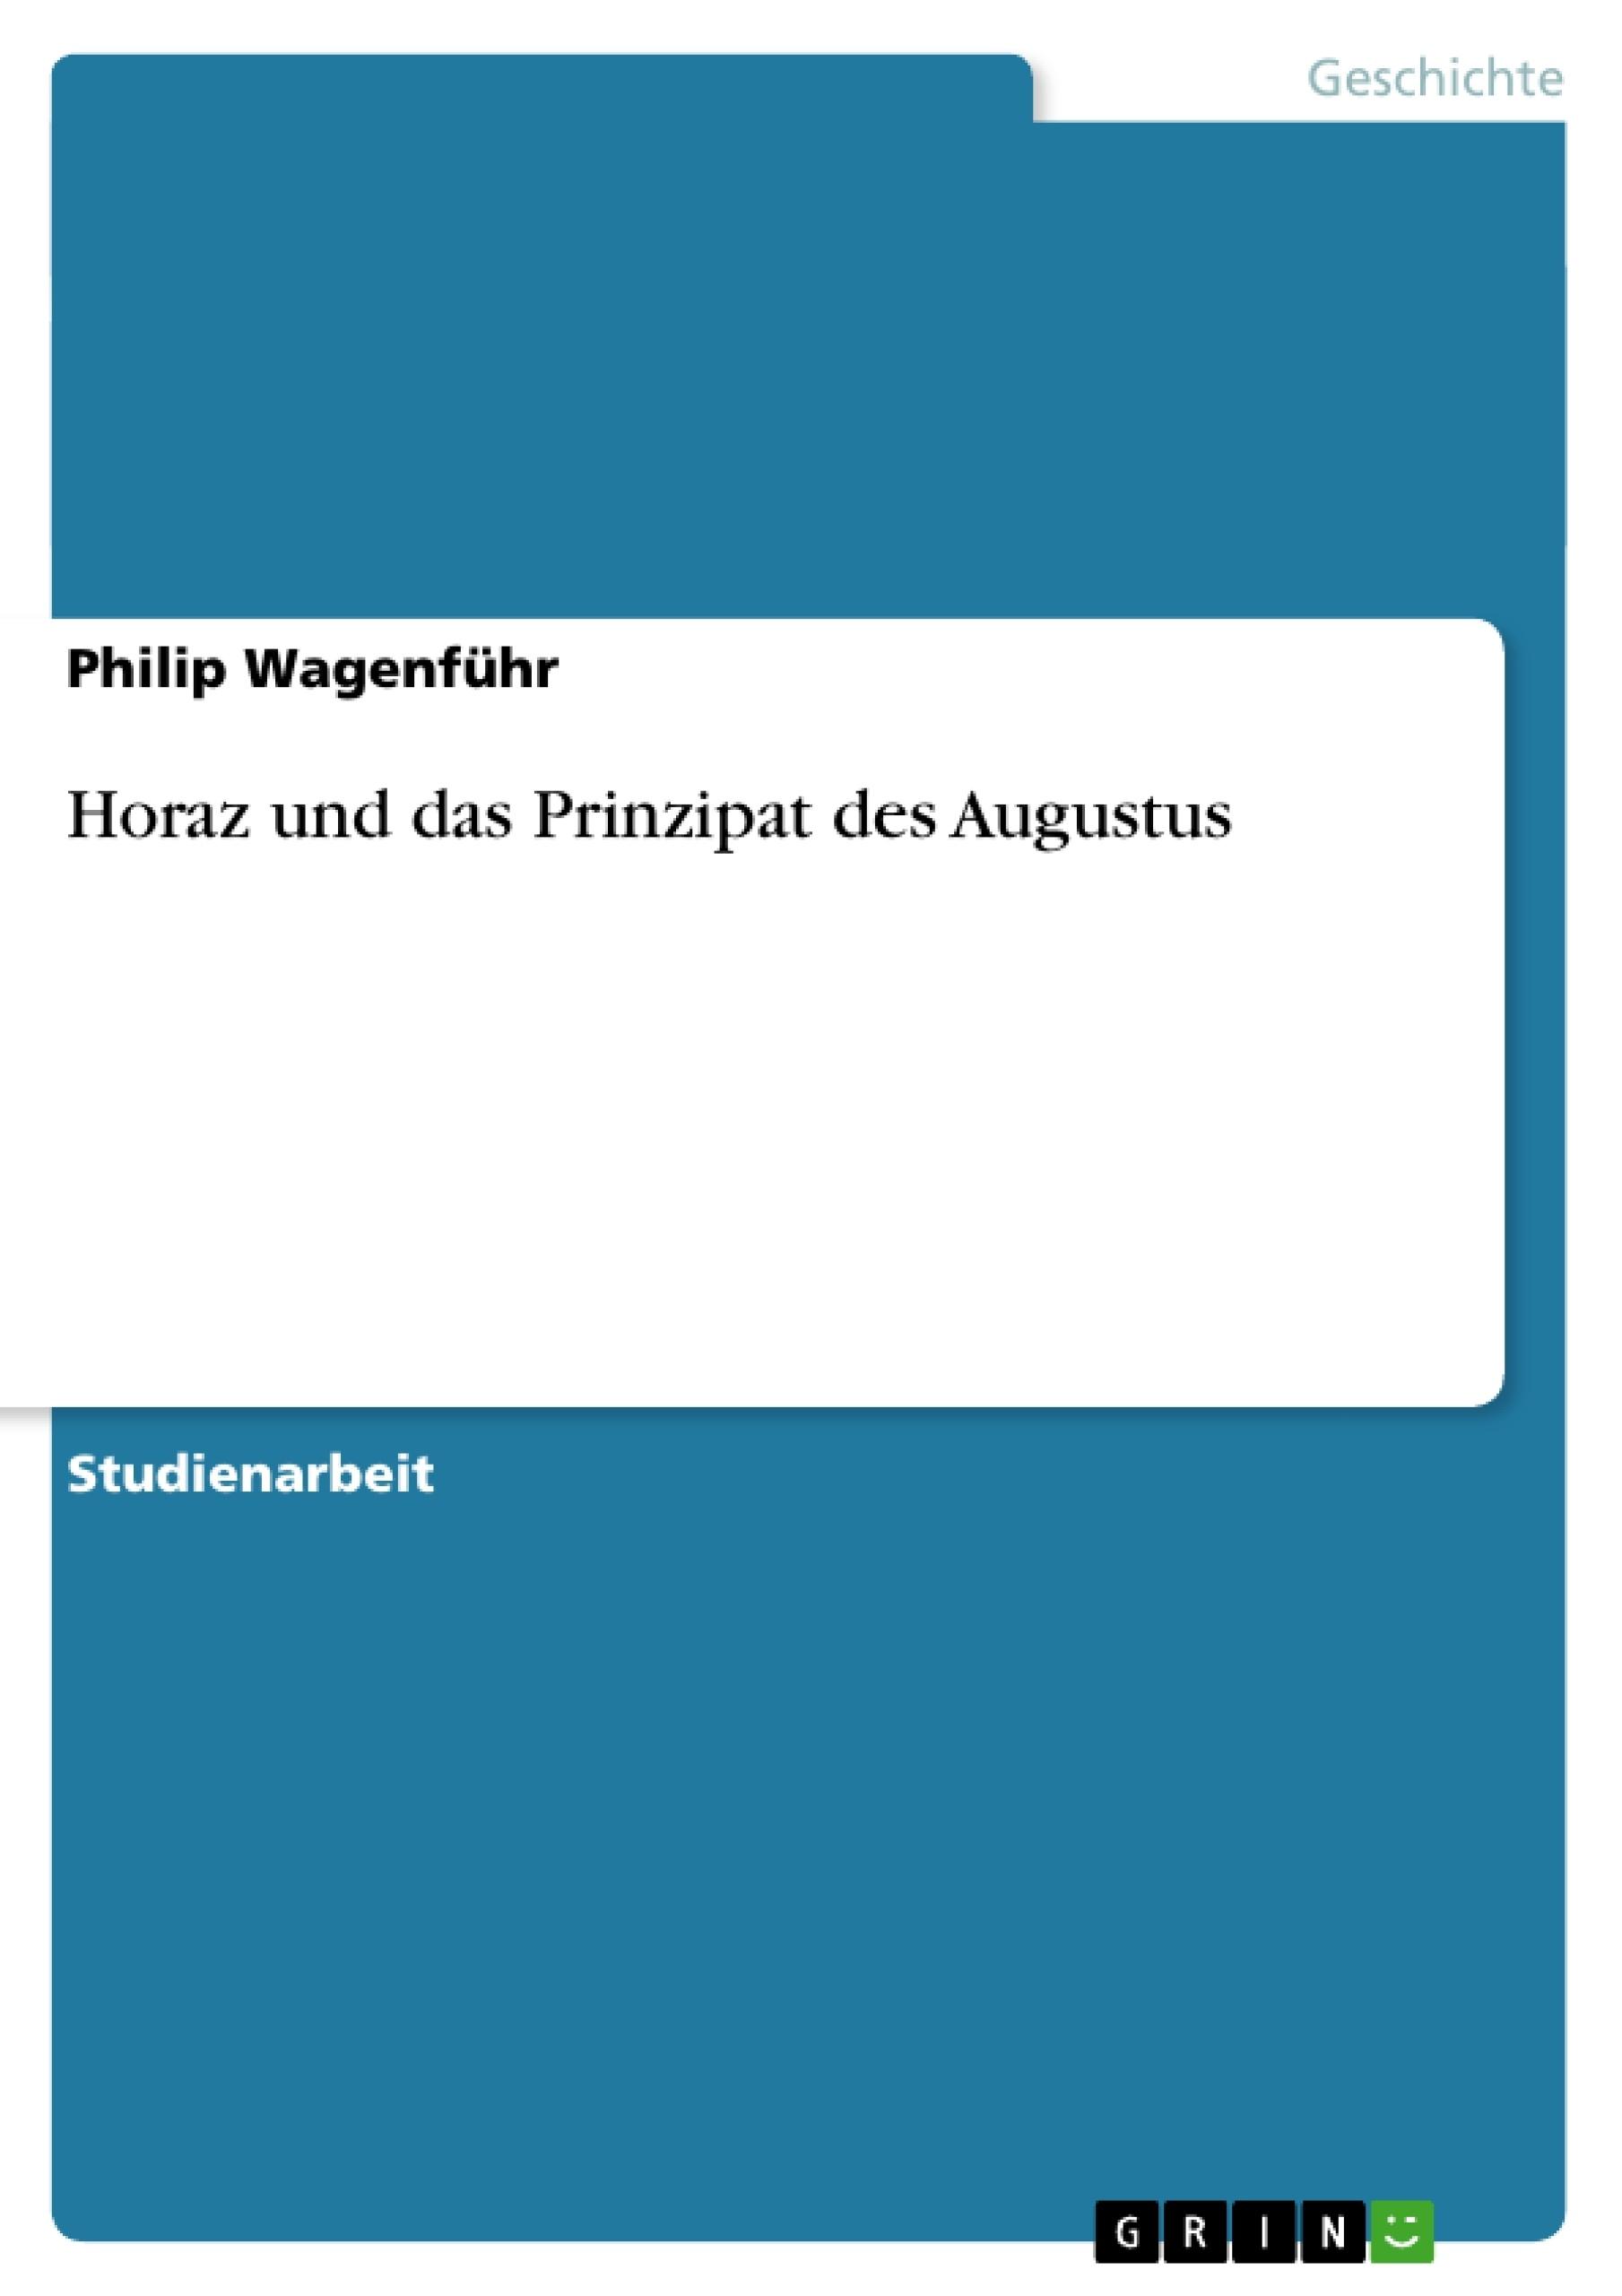 Titel: Horaz und das Prinzipat des Augustus